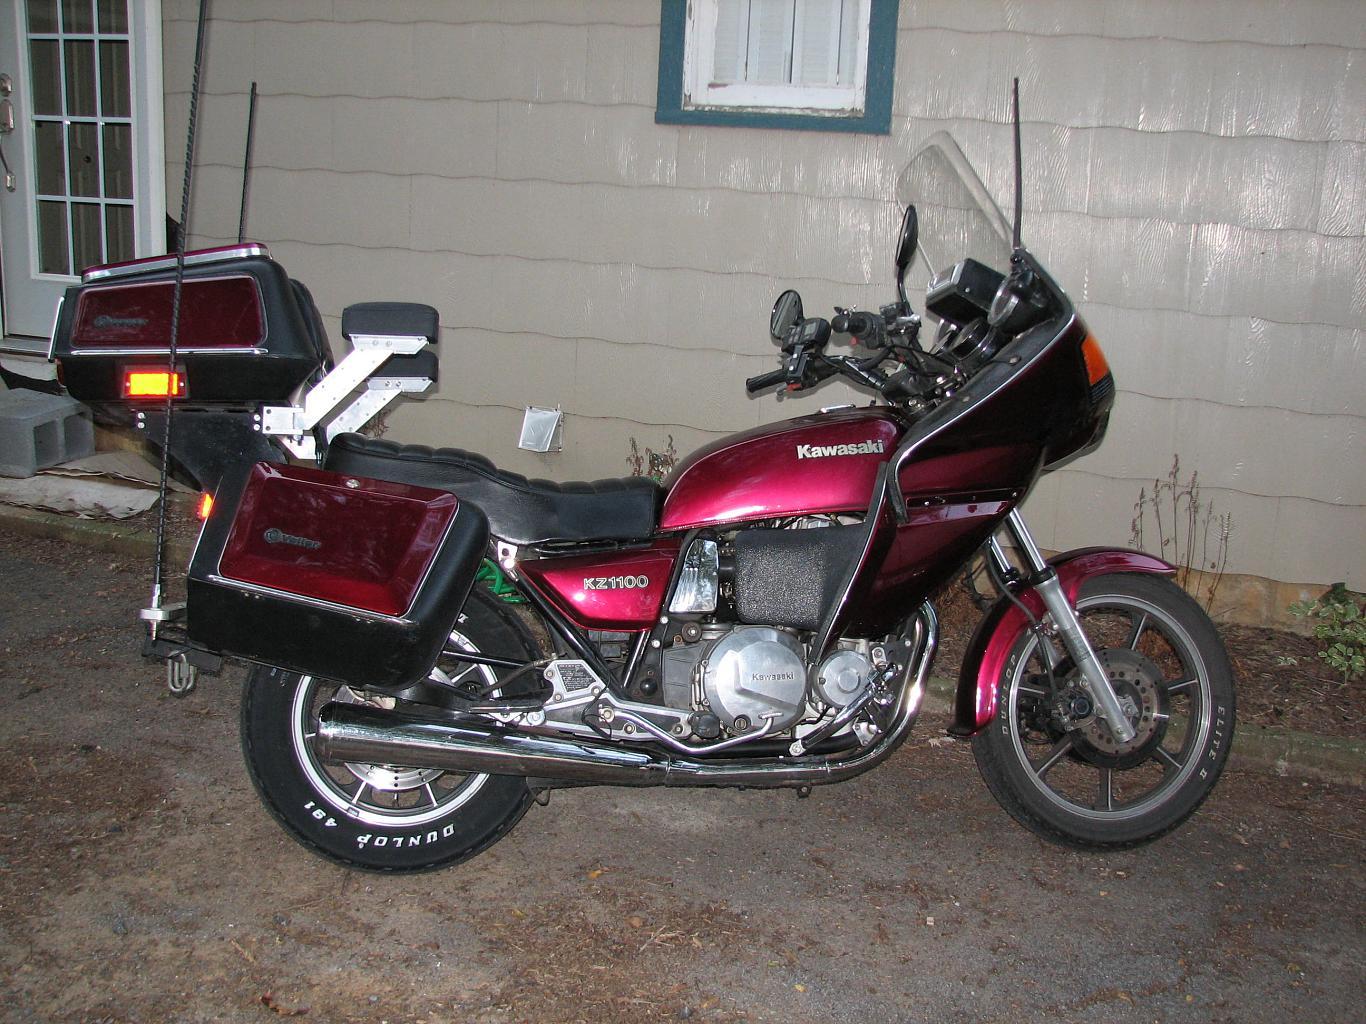 Motorcycles...-sept-2006-trip166.jpg